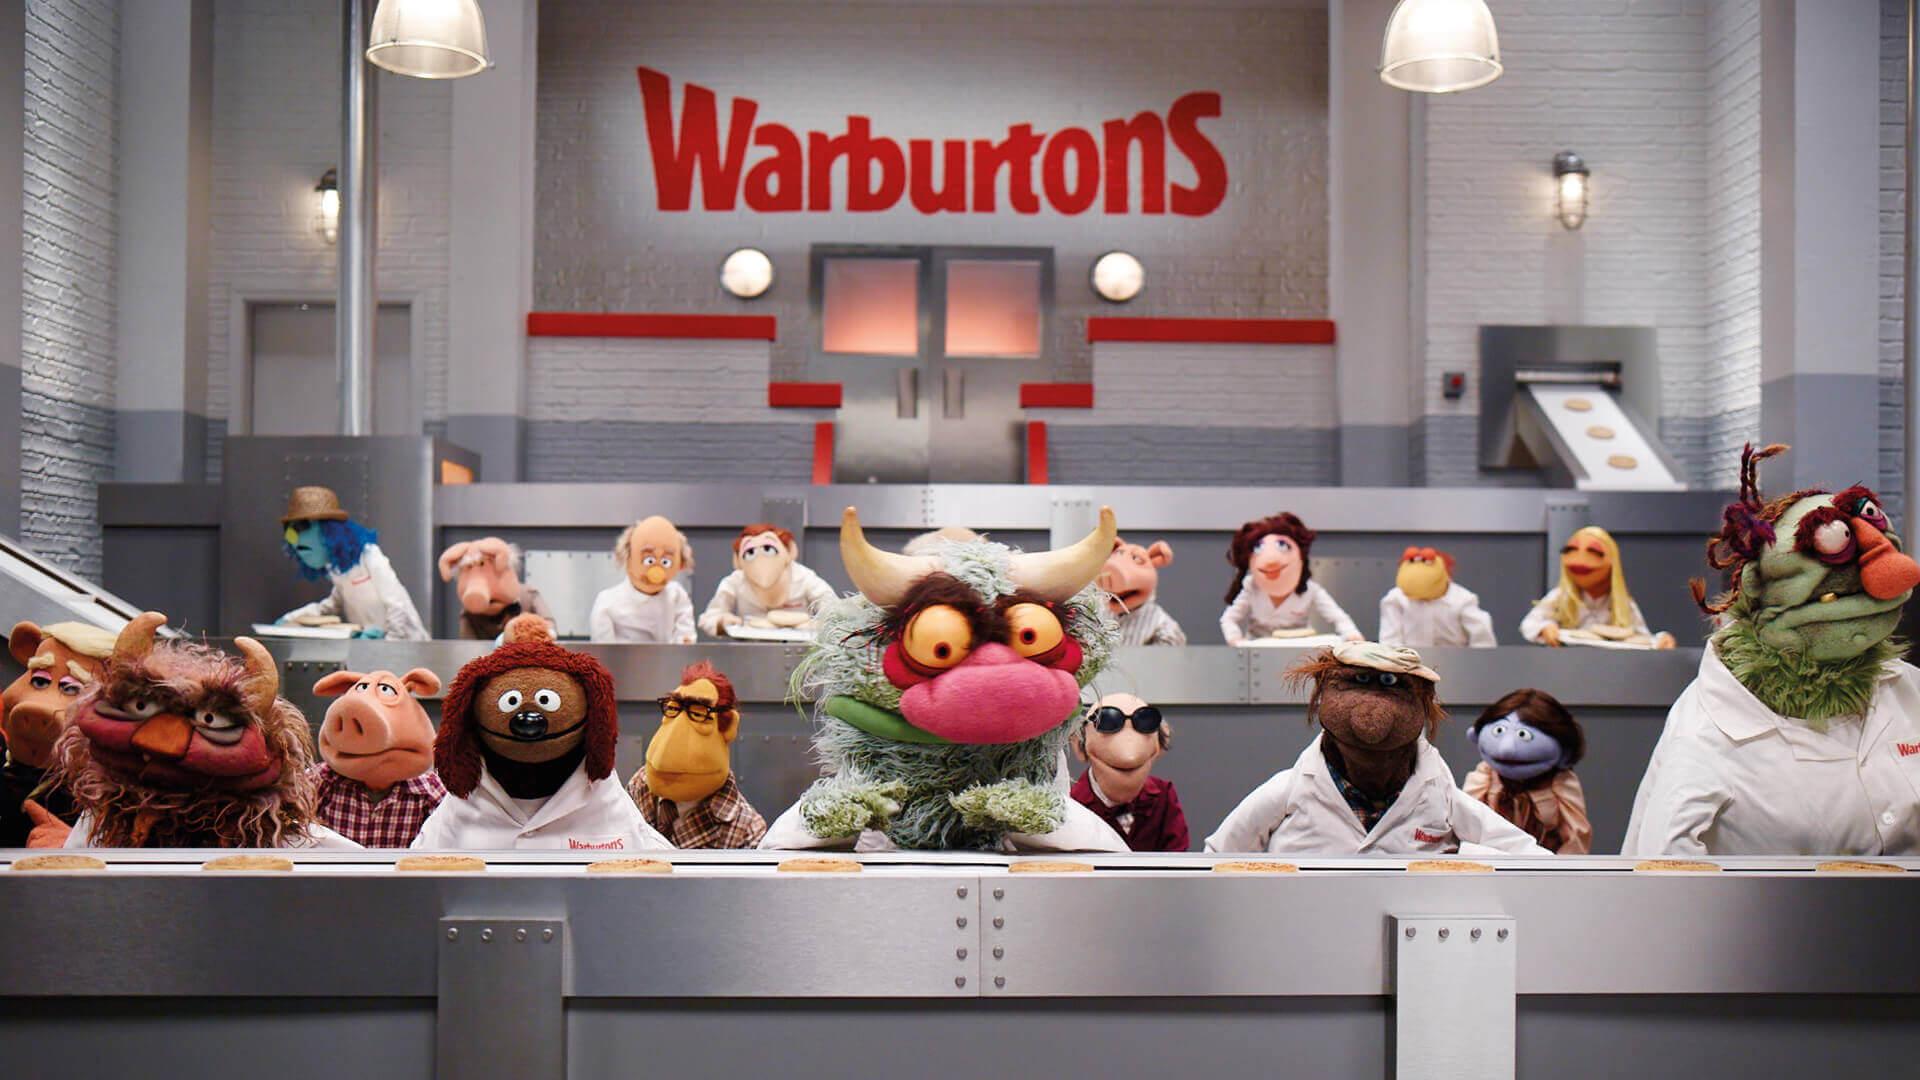 Warburtons image